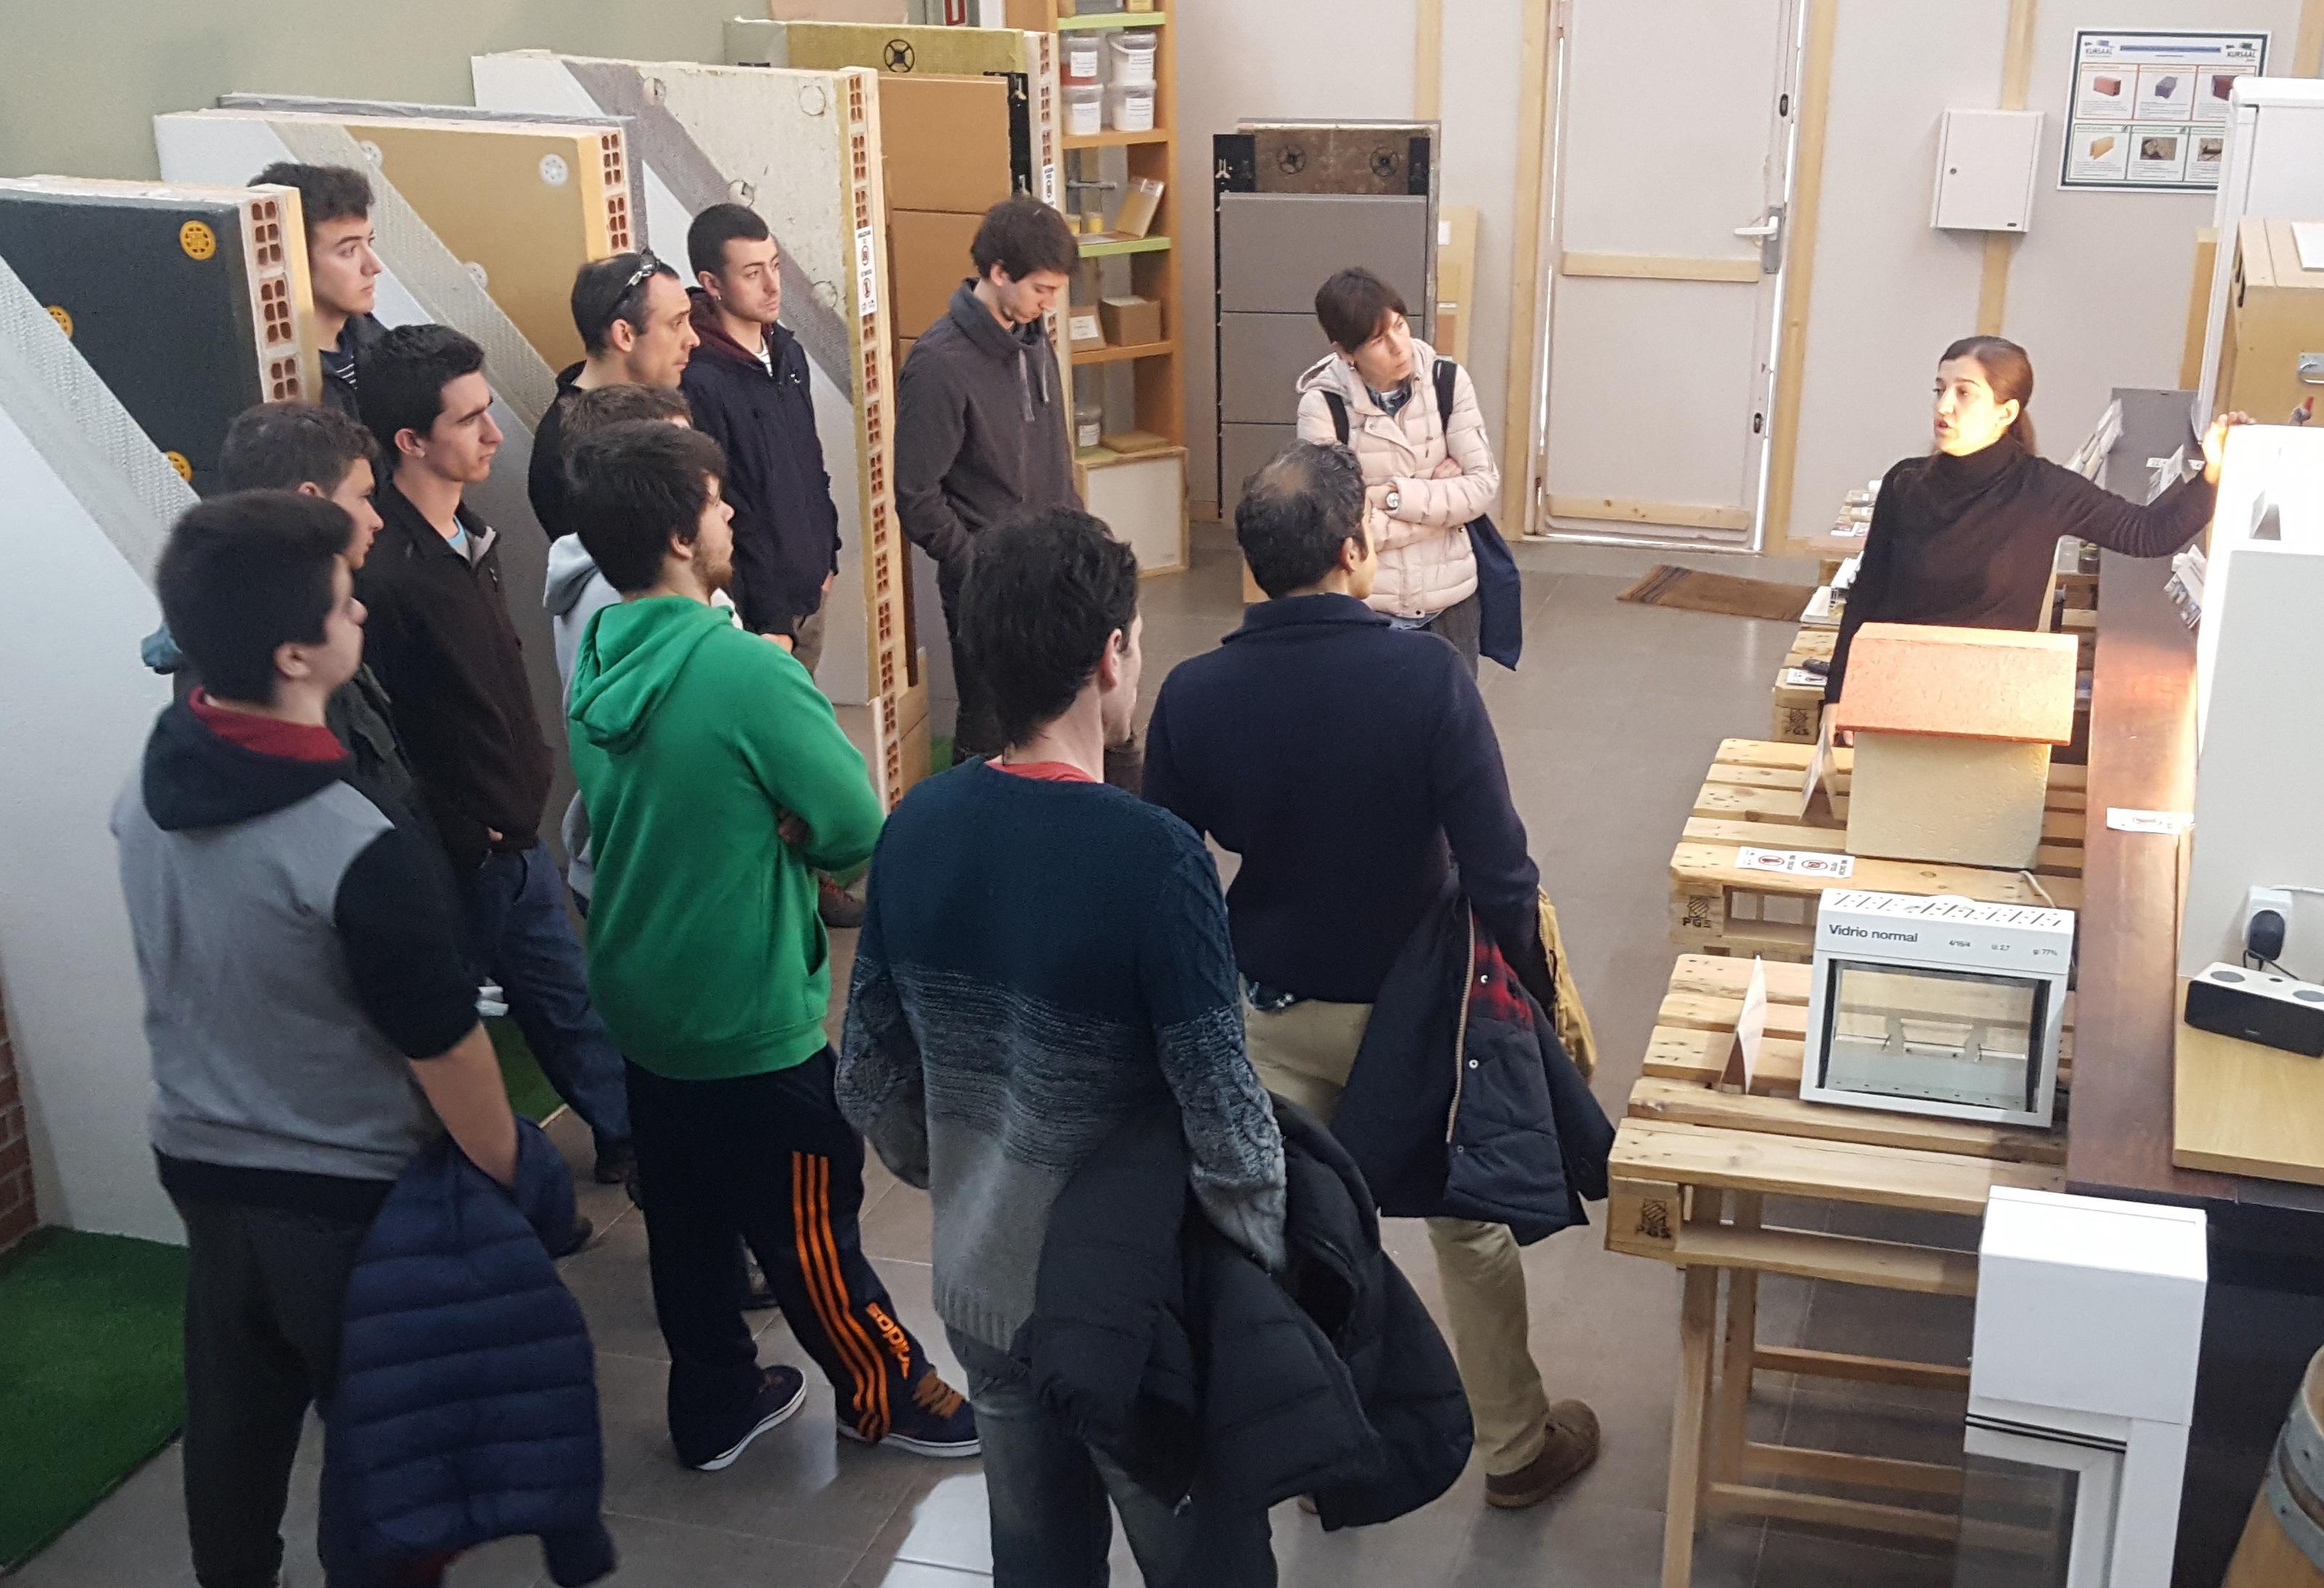 foto noticia: Alumnos del Instituto de Grado Superior de Formación Profesional Don Bosco visitan Kursaal Green Gela